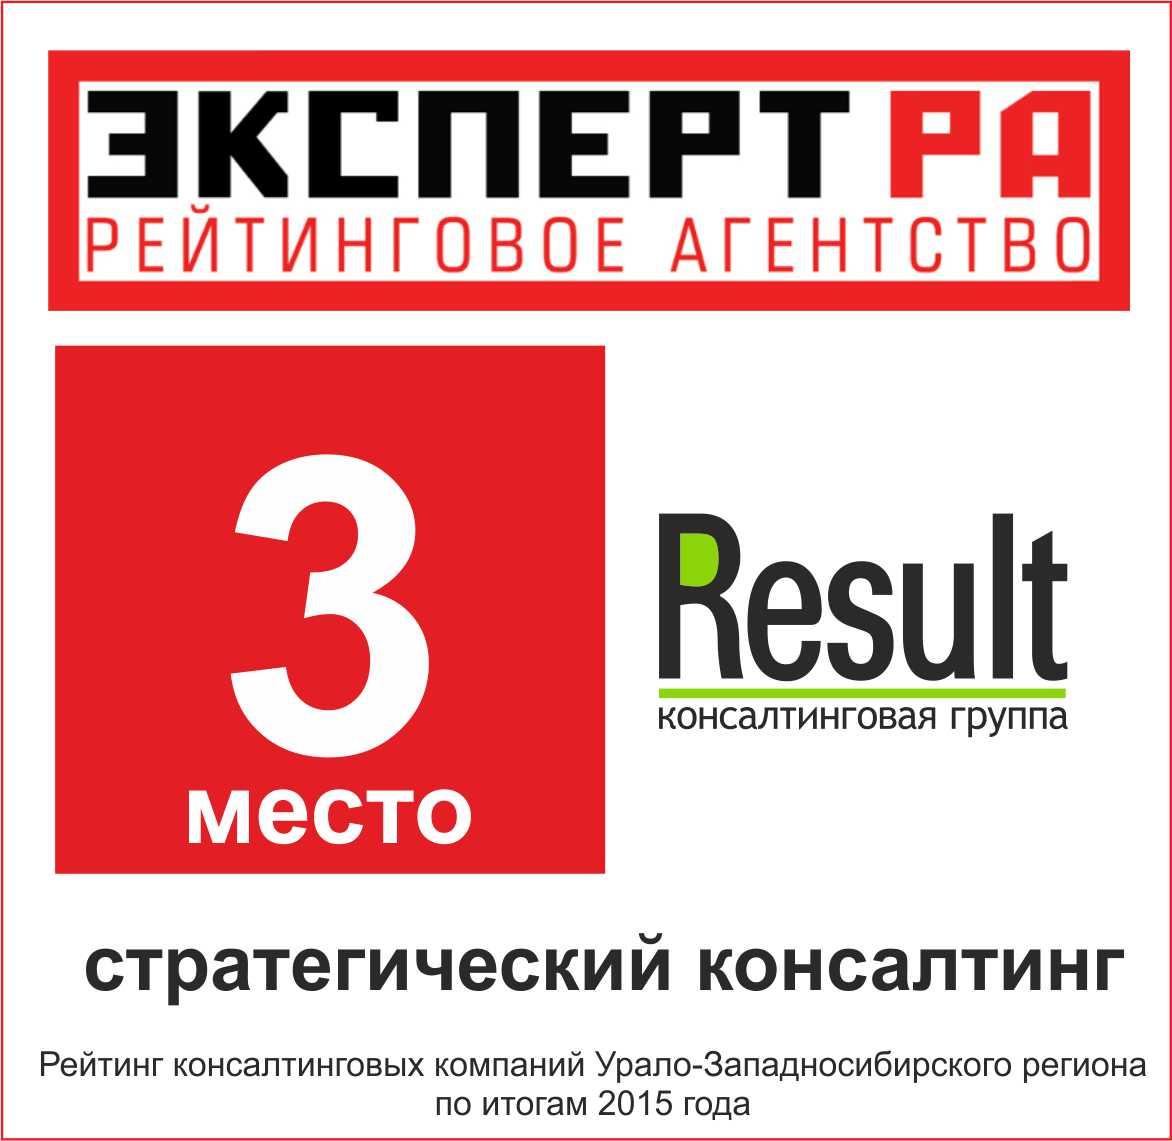 Рейтинг - стратегический консалтинг 2015 - Резалт занял 3-е место!